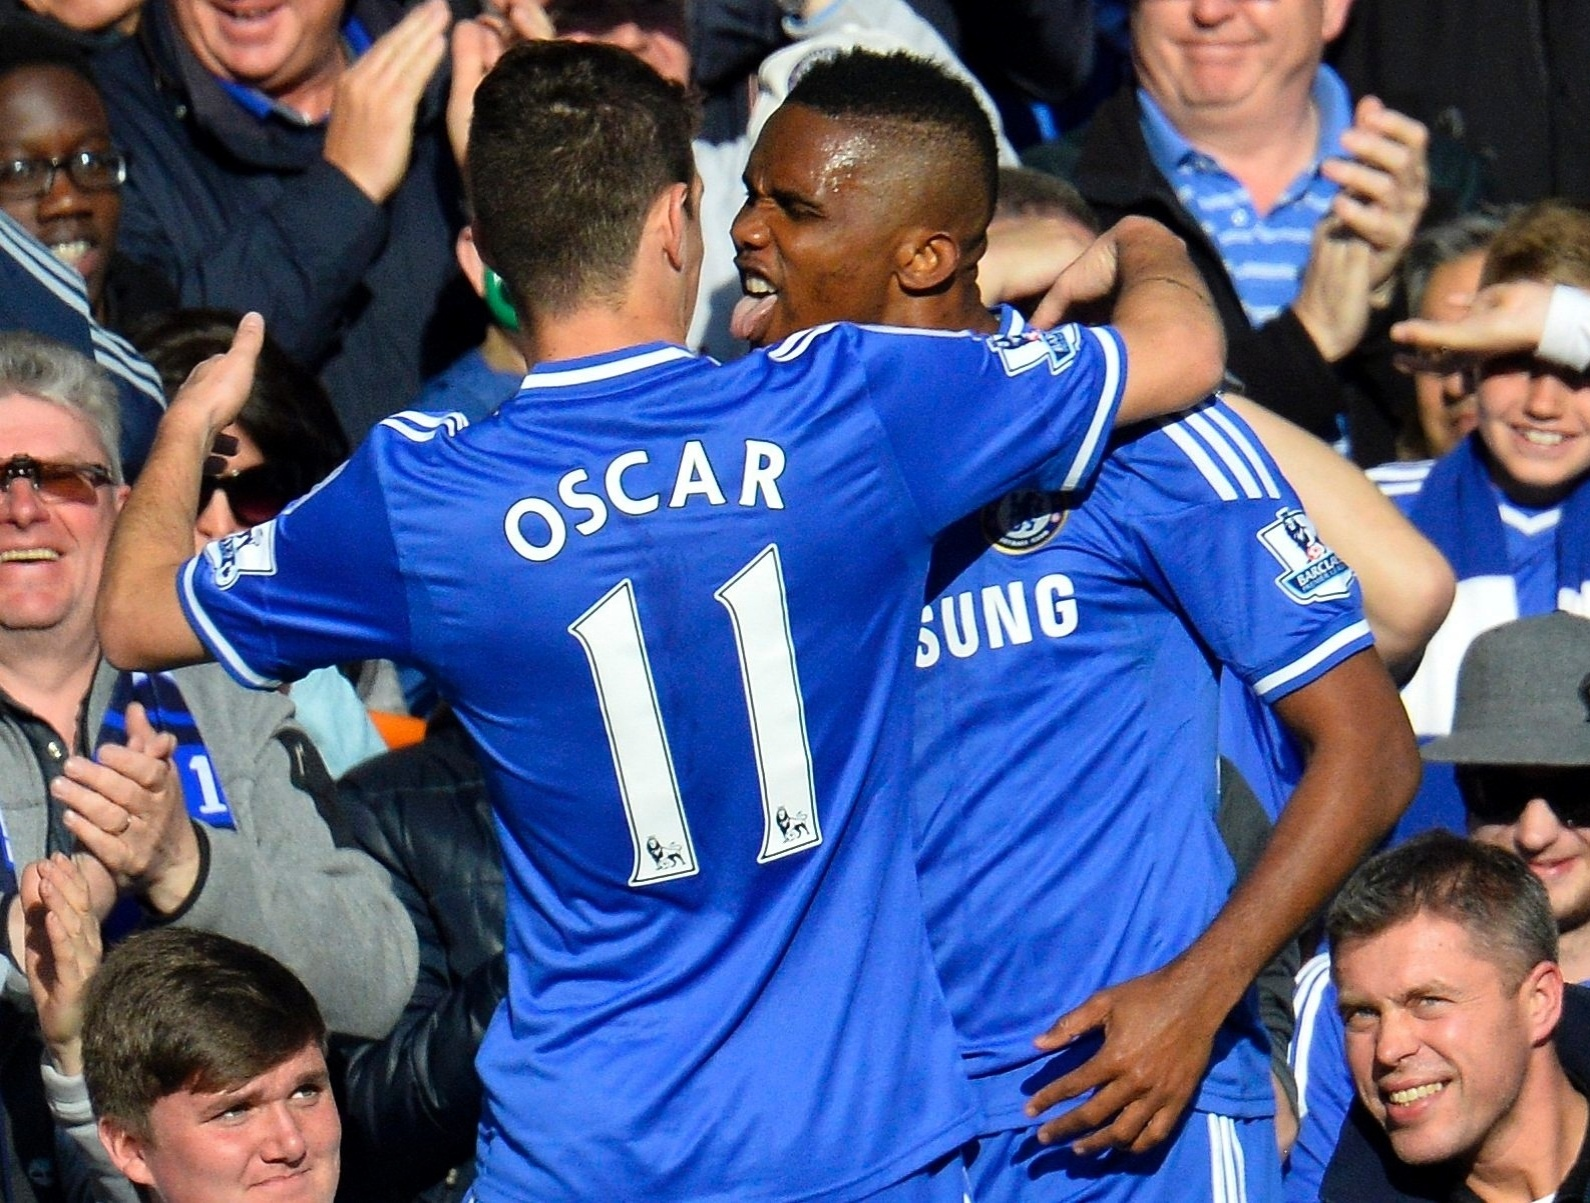 19.abr.2014- Brasileiro Oscar comemora com o camaronês Samuel Eto'o gol do Chelsea contra o Sunderland pelo Campeonato Inglês